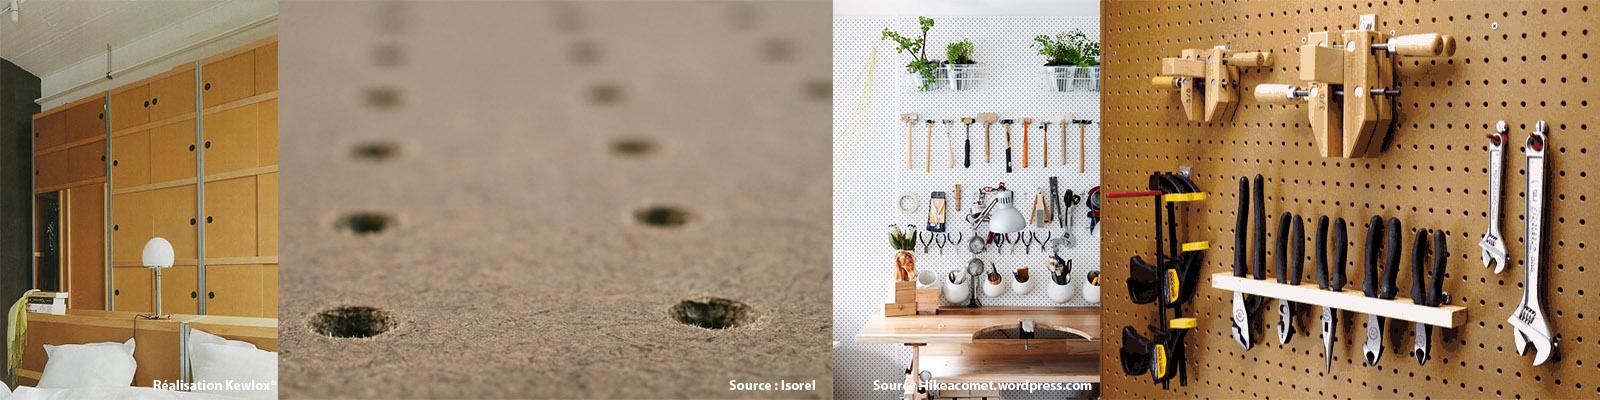 panneaux de fibres de bois m tiers du bois s a. Black Bedroom Furniture Sets. Home Design Ideas